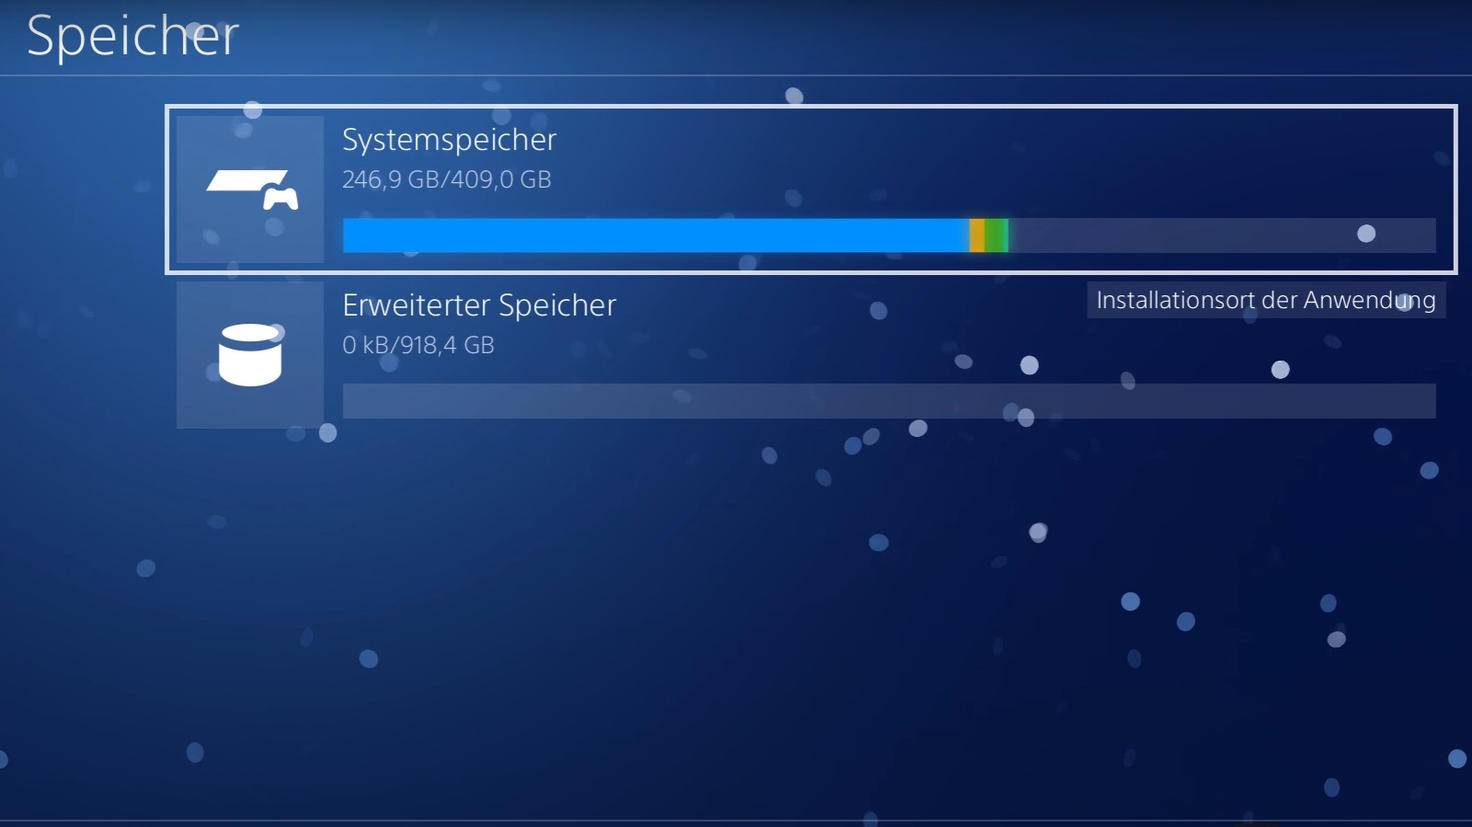 """Hast Du eine externe Festplatte an die PS4 angeschlossen, wird sie im """"Speicher""""-Menü als """"Erweiterter Speicher"""" angezeigt."""